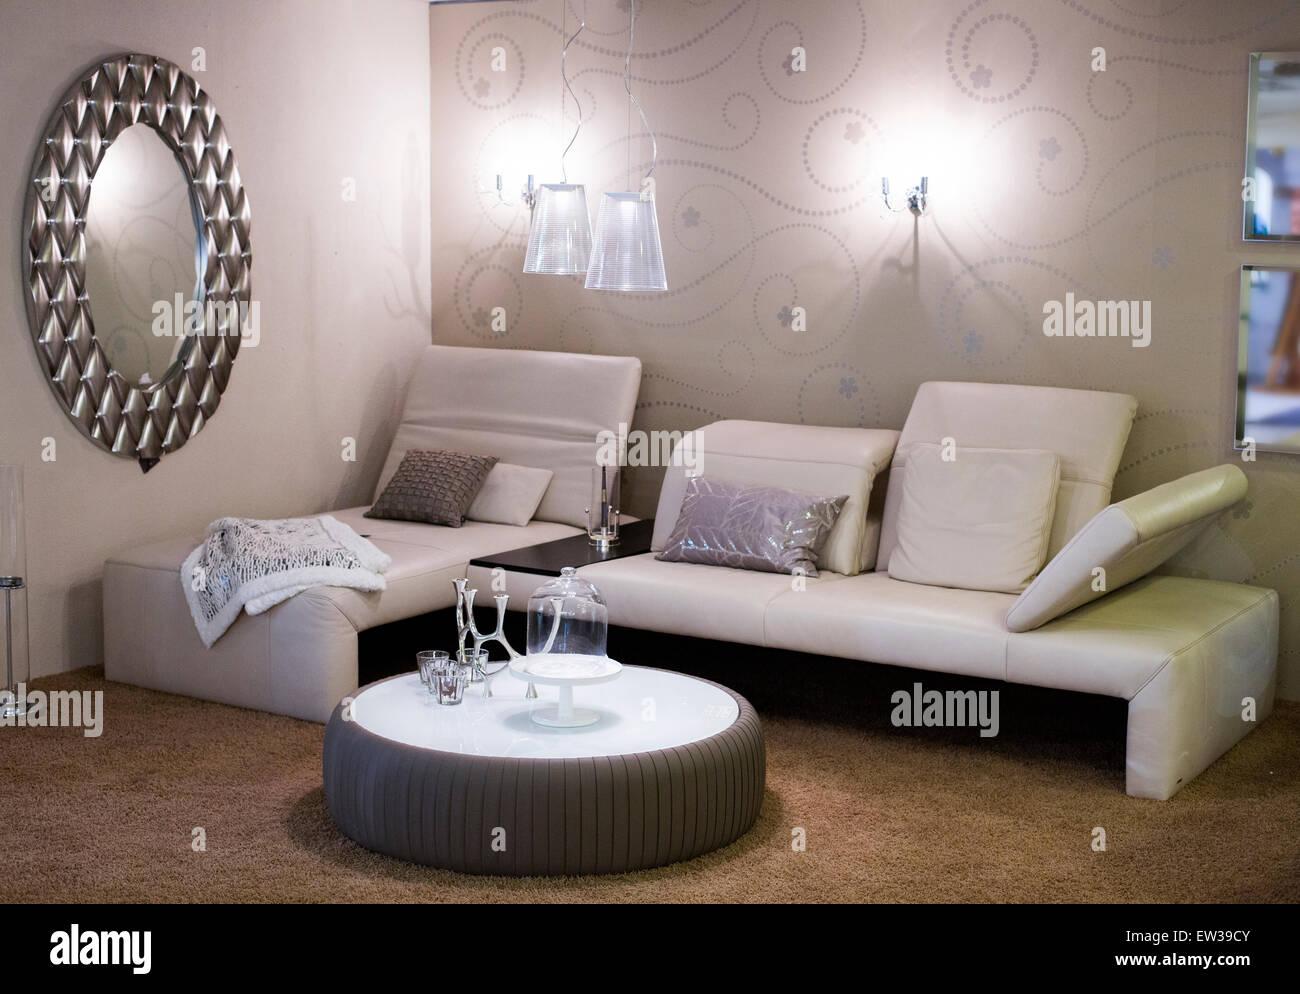 Soggiorno con mobili bianchi uno specchio e un tappeto marrone